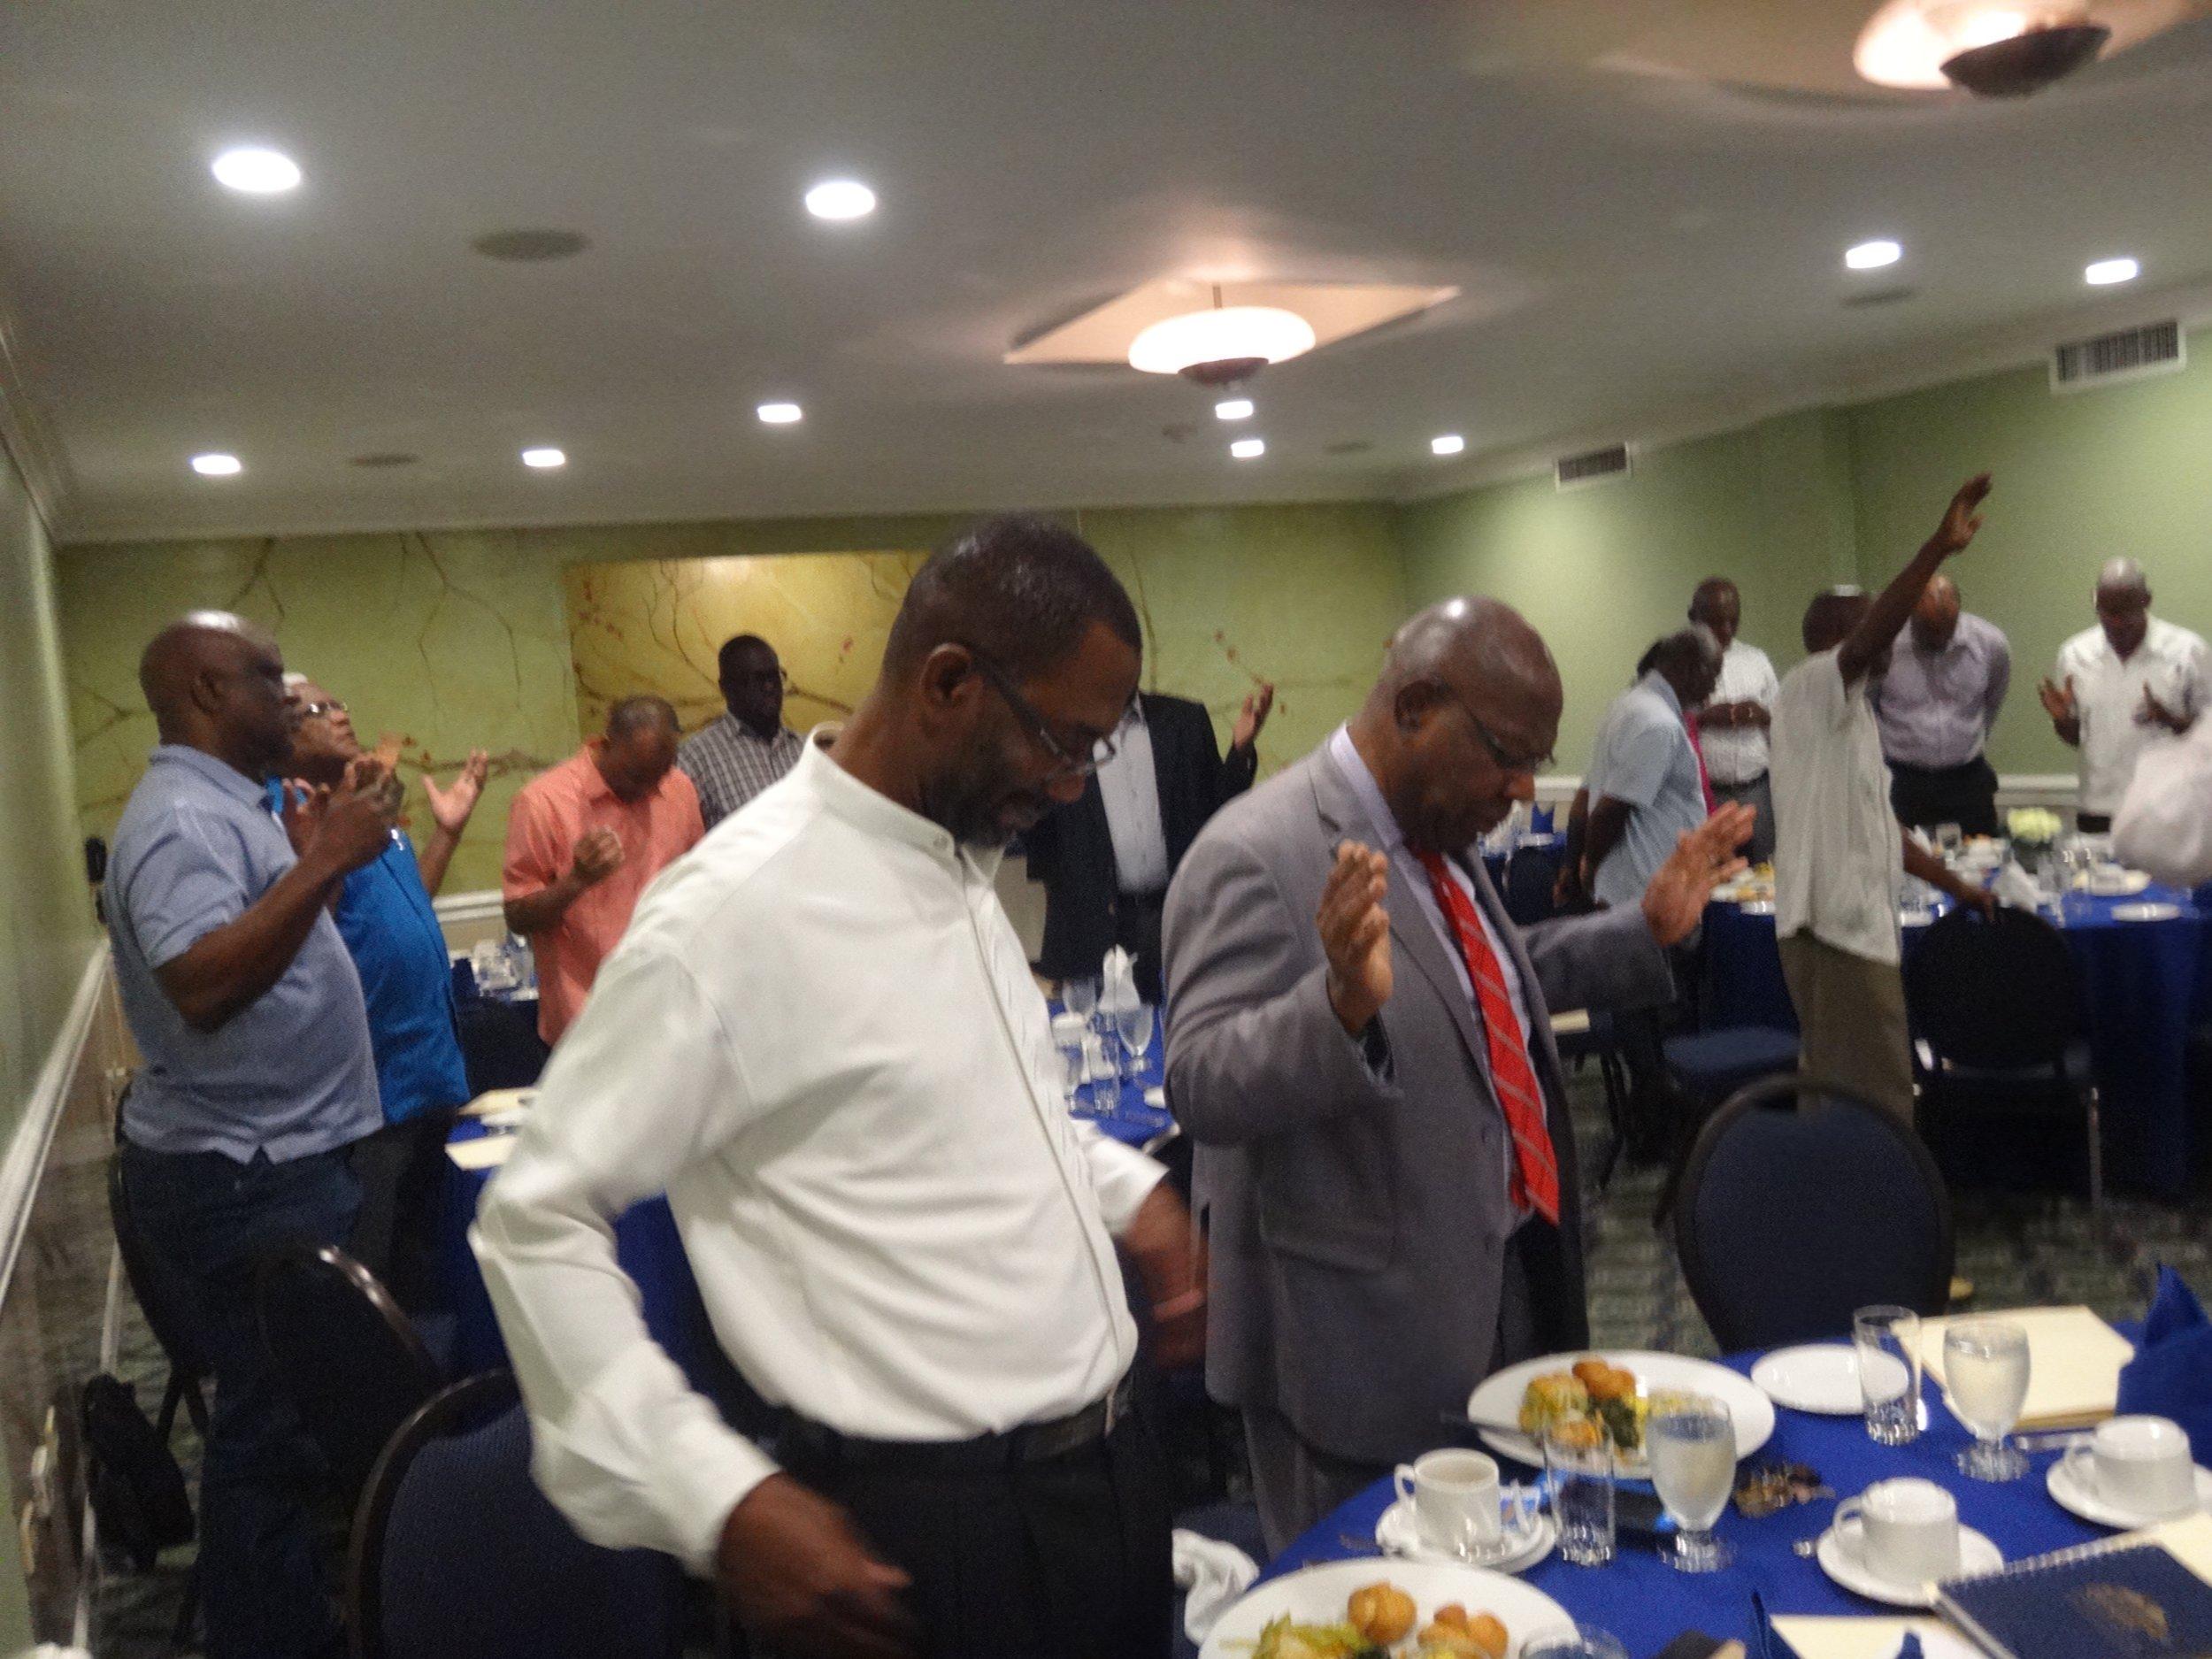 Pre-Congress participant praying